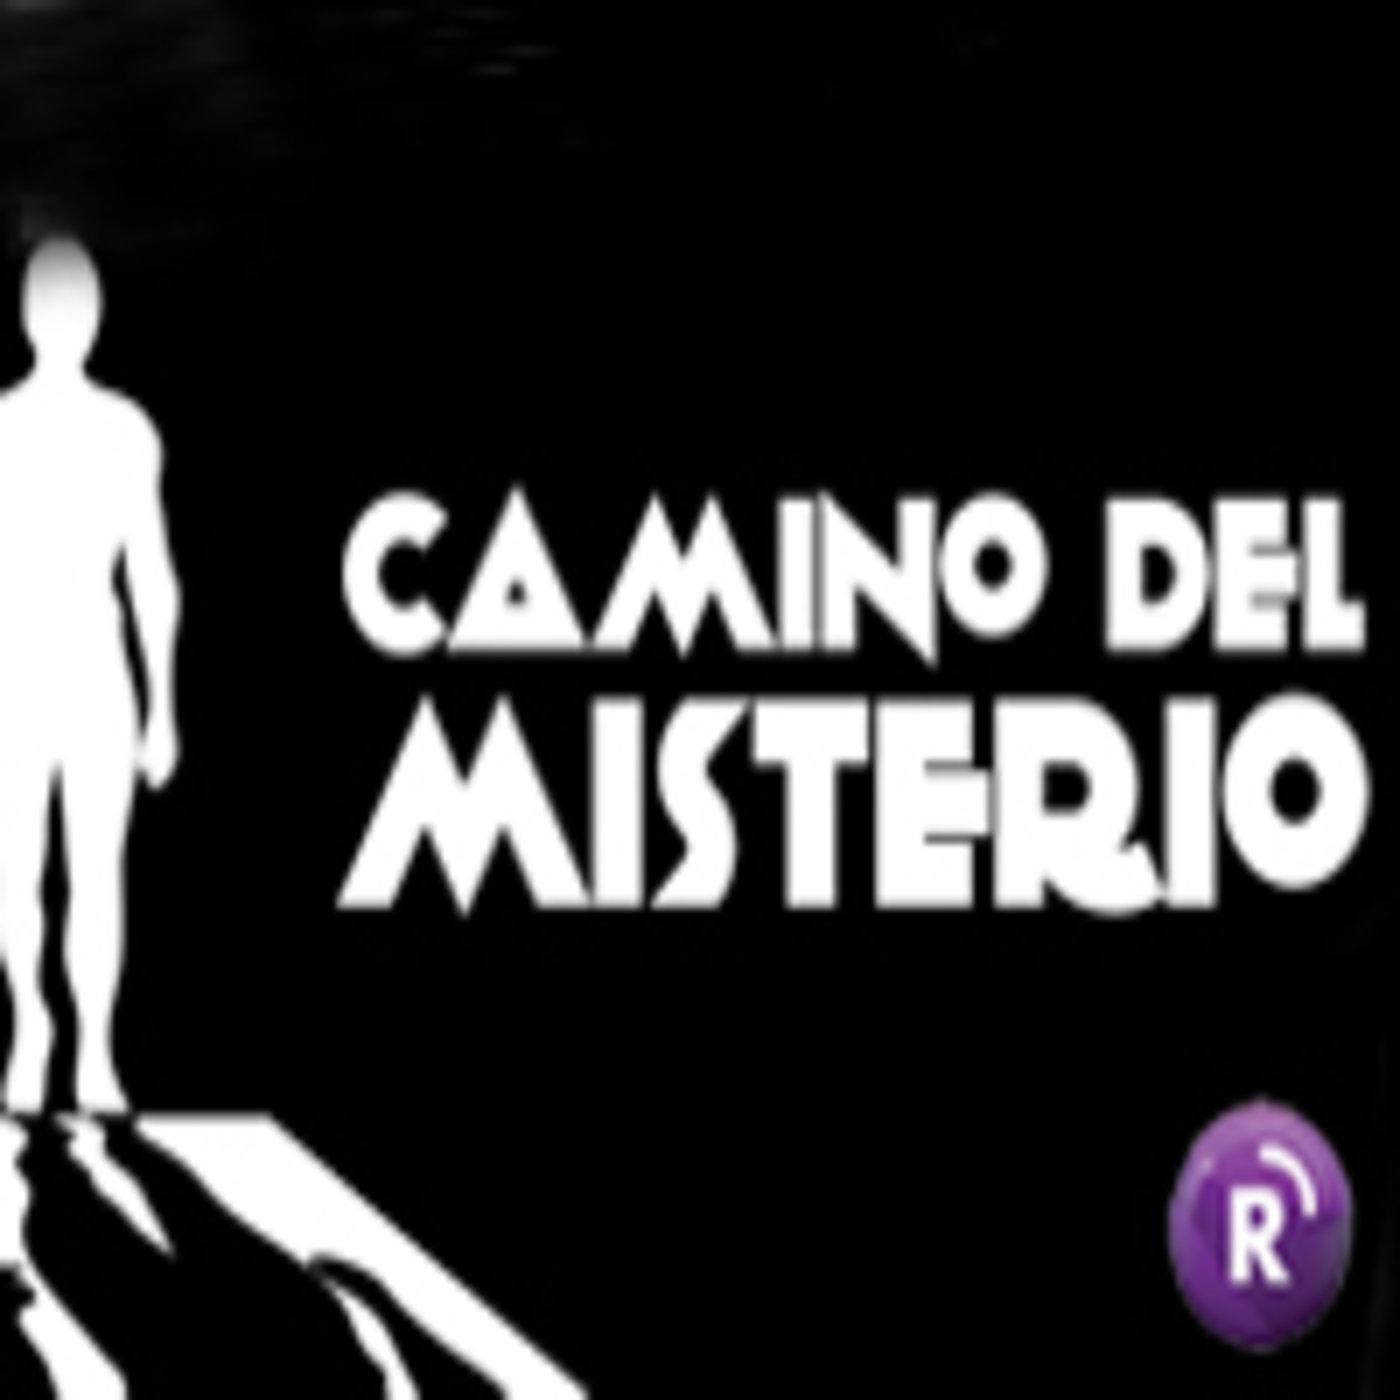 <![CDATA[Camino del Misterio en Castilla-La Mancha]]>